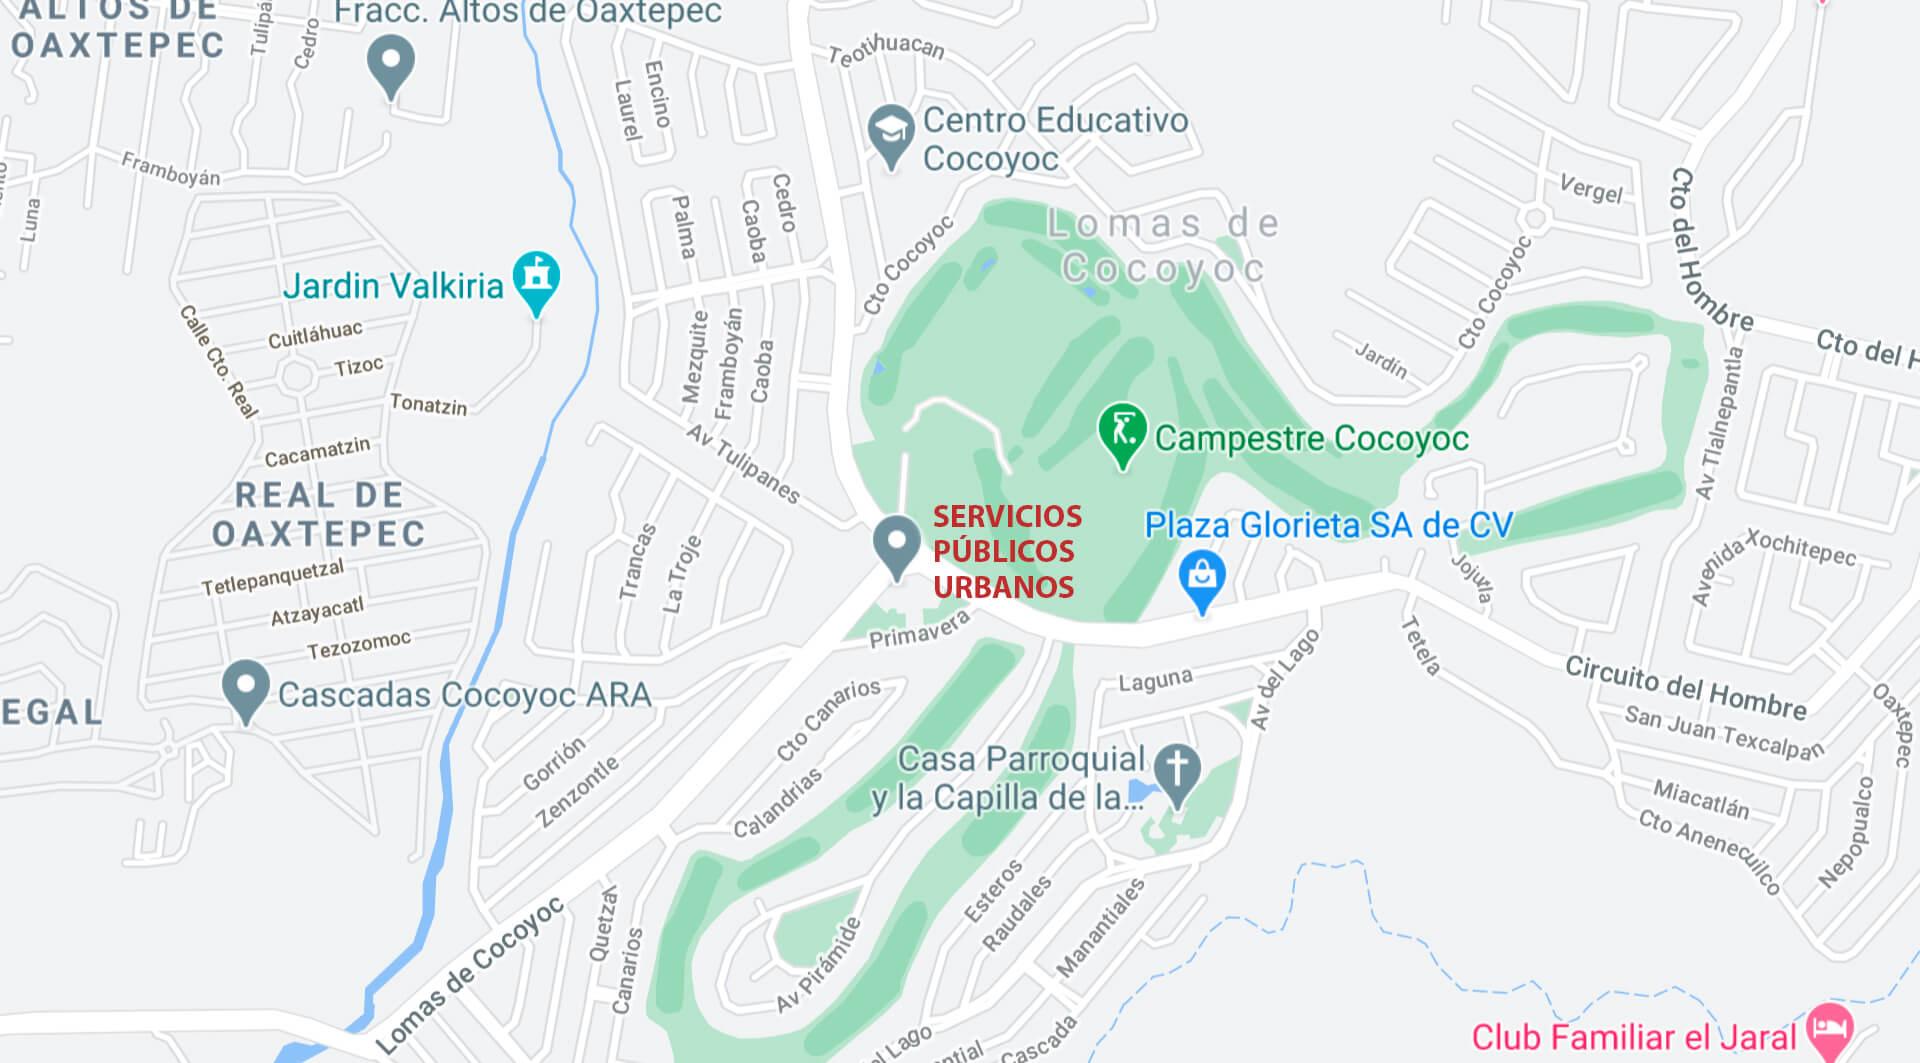 Mapa-ServiciosPublicosUrbanos